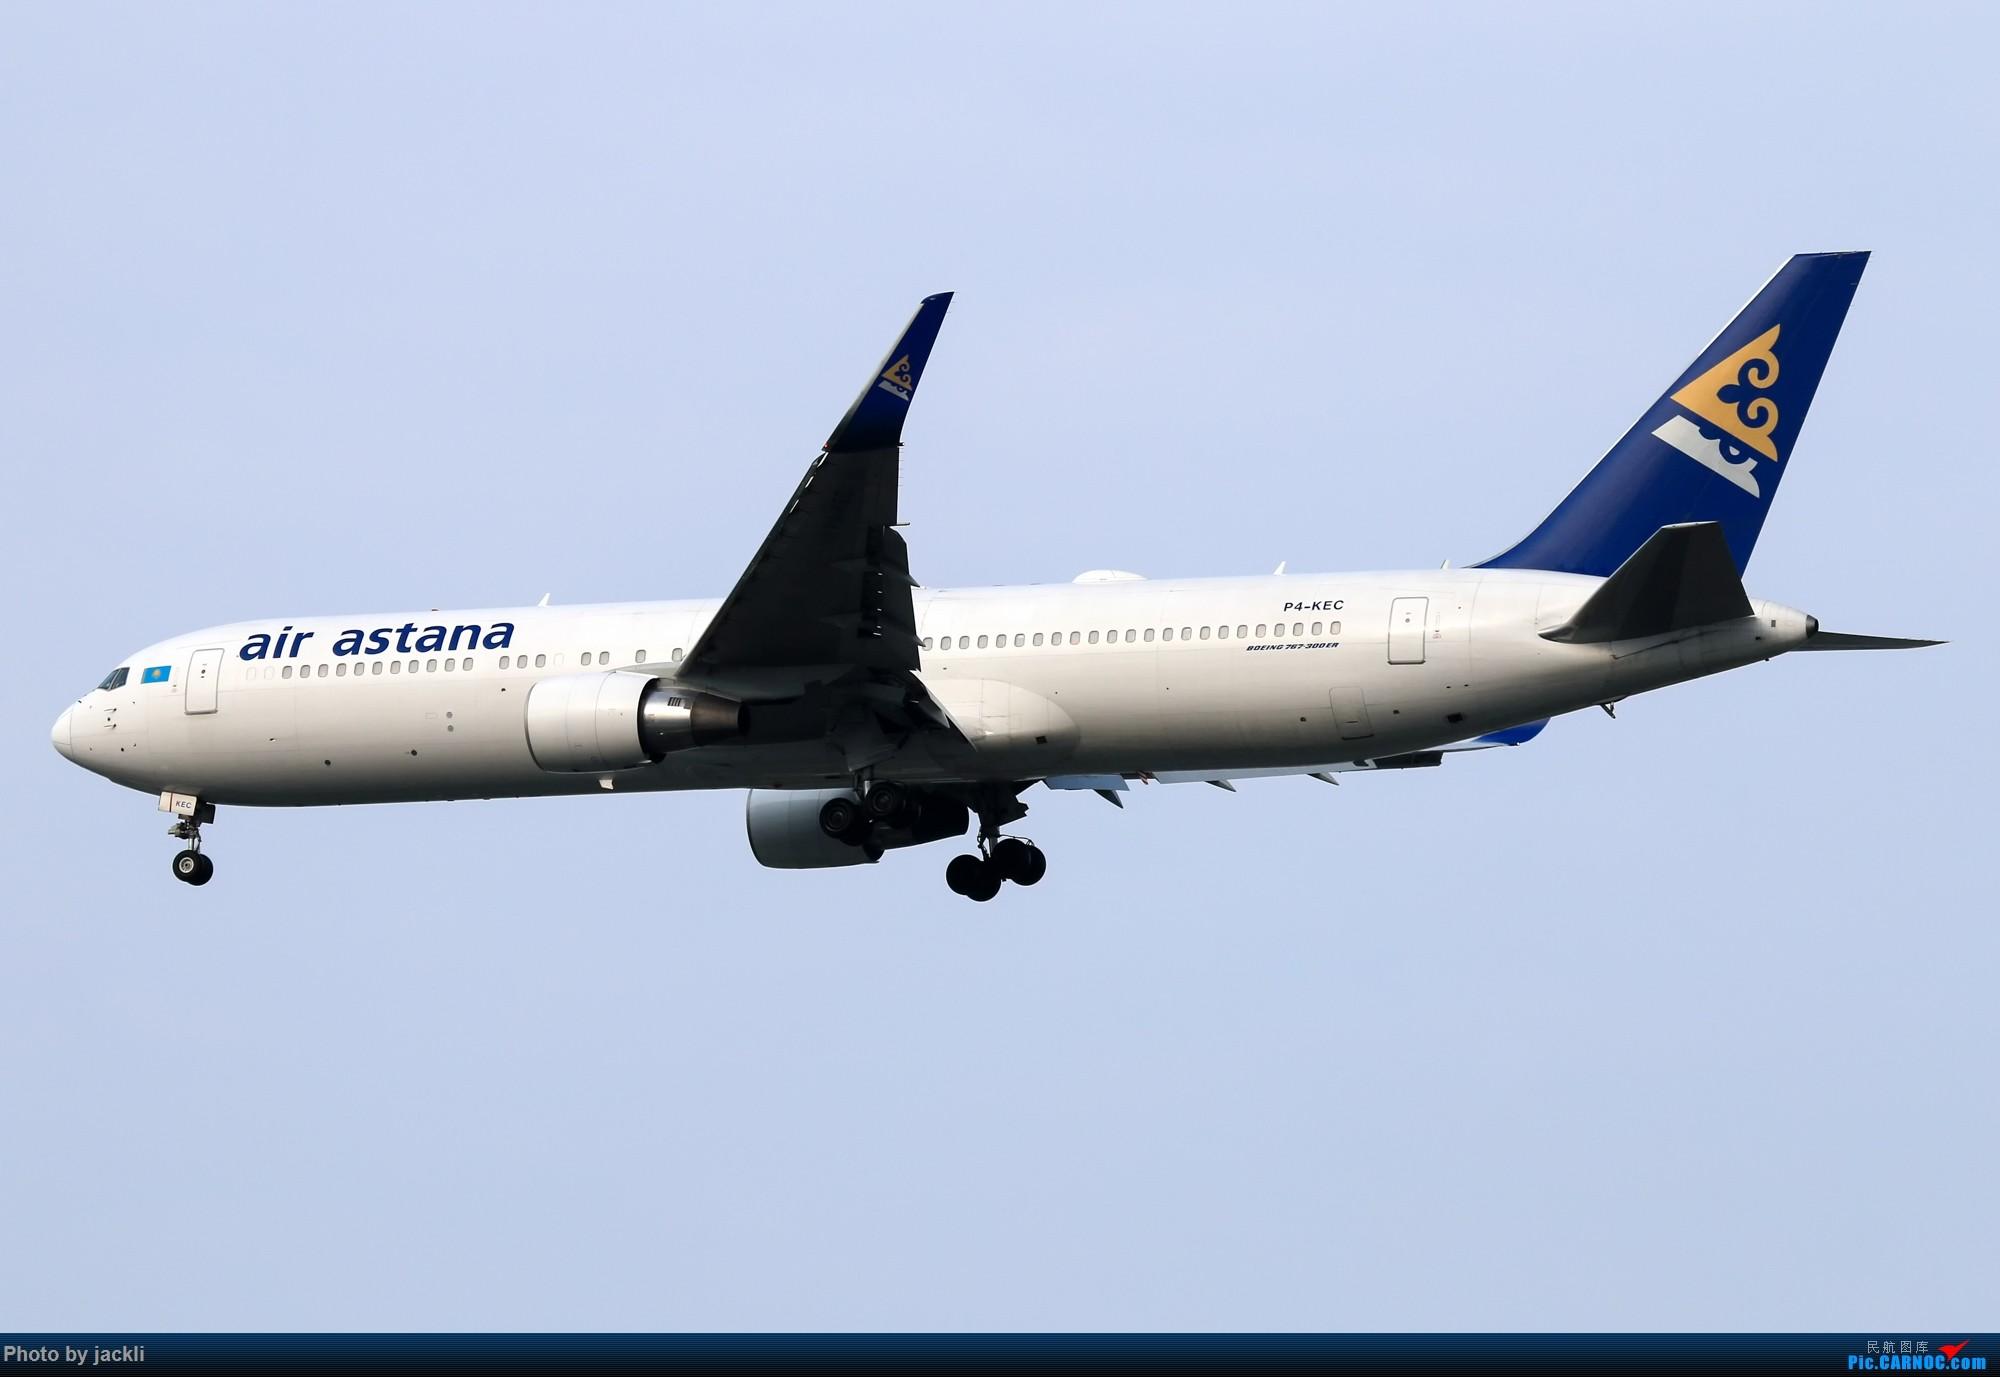 Re:[原创]【JackLi】泰国曼谷素万那普机场拍机~ BOEING 767-300ER P4-KEC 泰国曼谷素万那普国际机场